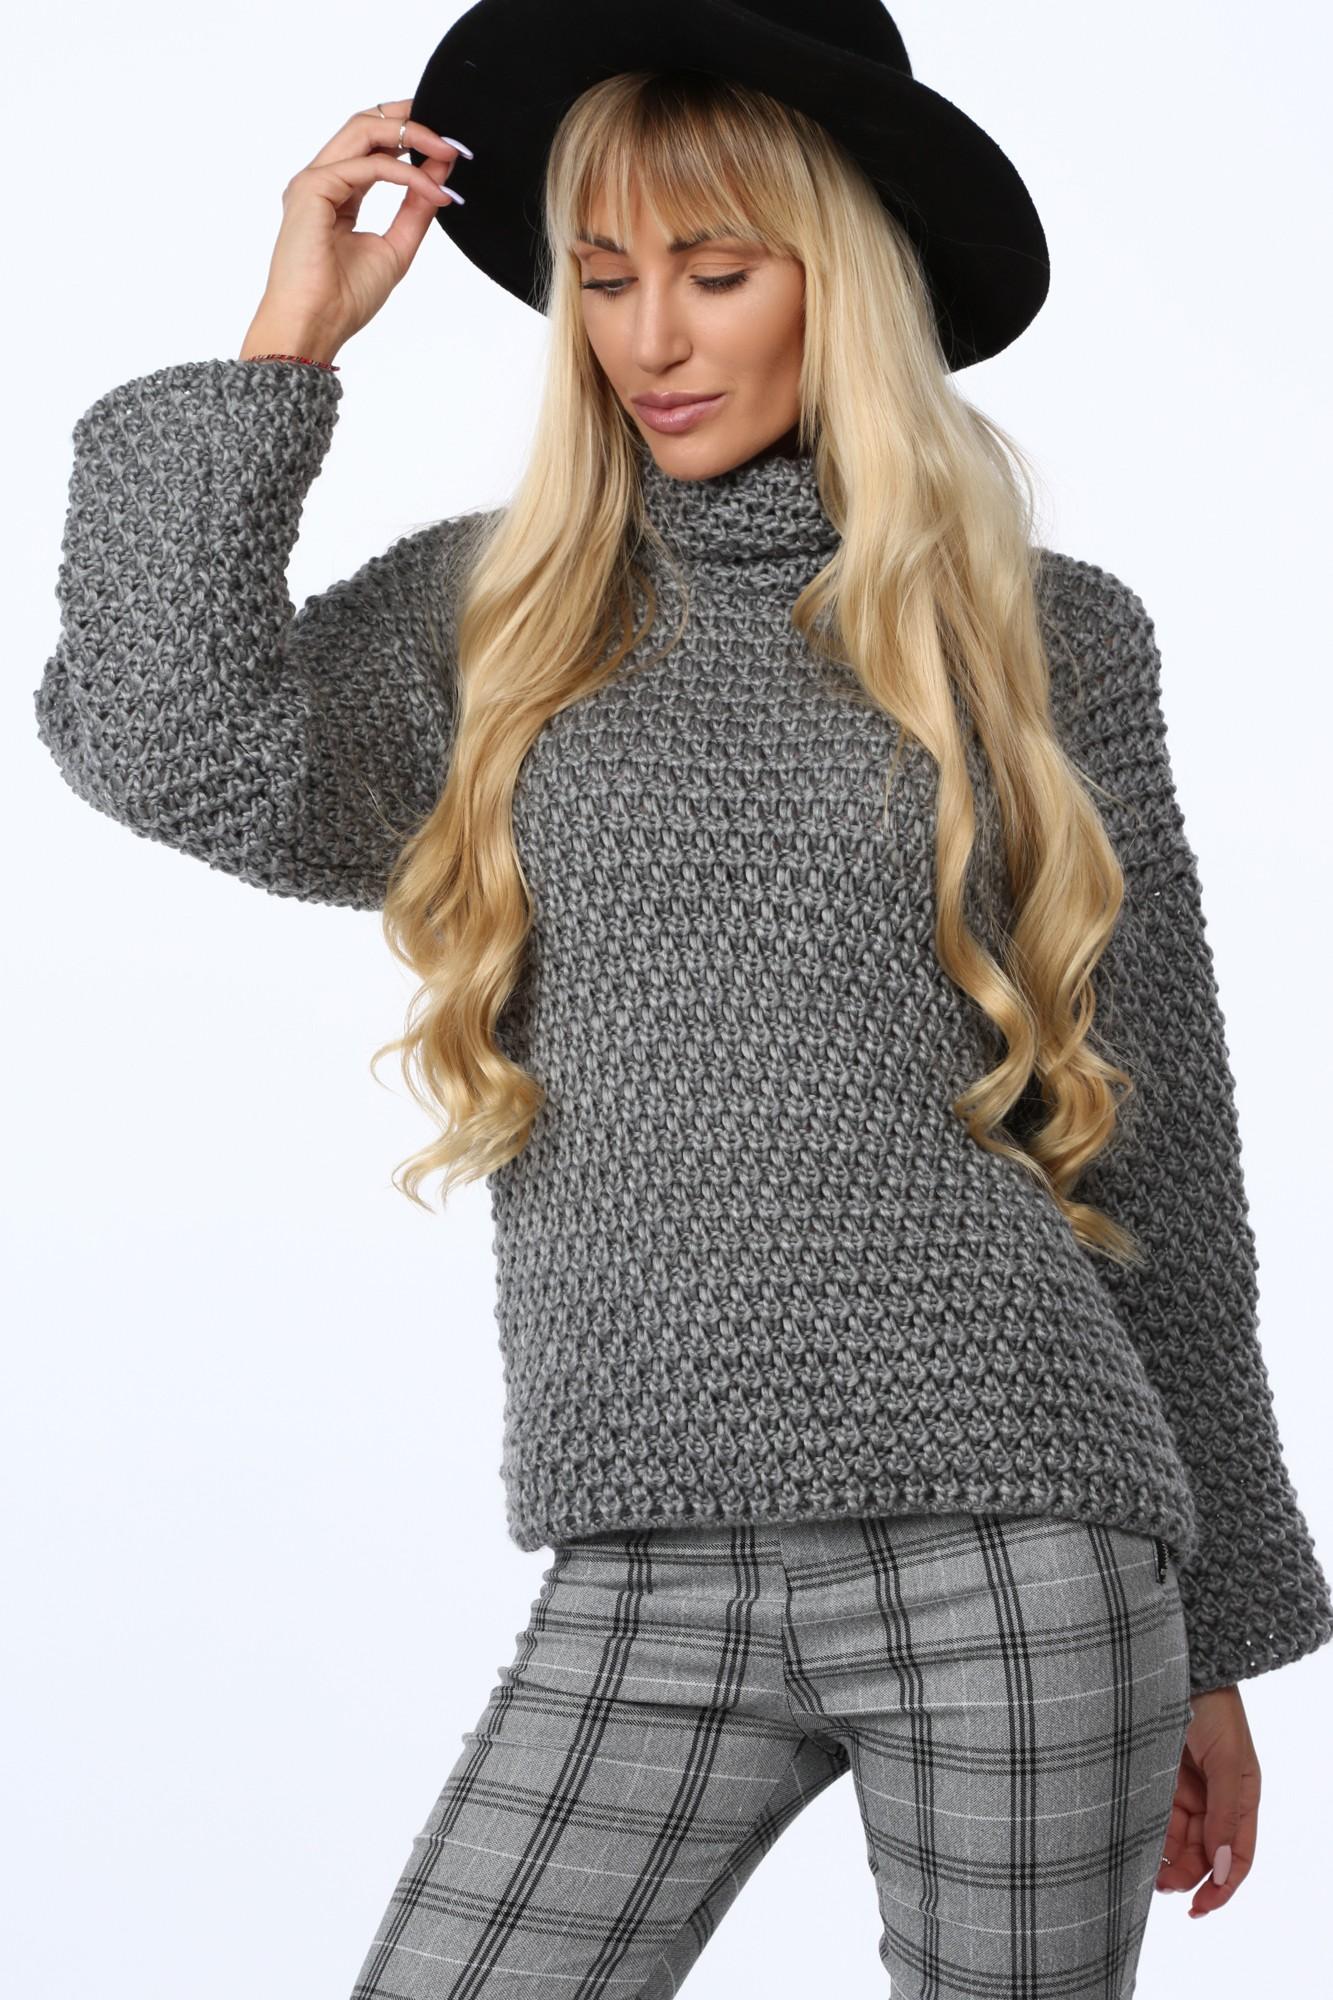 Pod voľný sveter si môžete obliecť ďalšiu vrstvu, ako napríklad tričko alebo tielko.